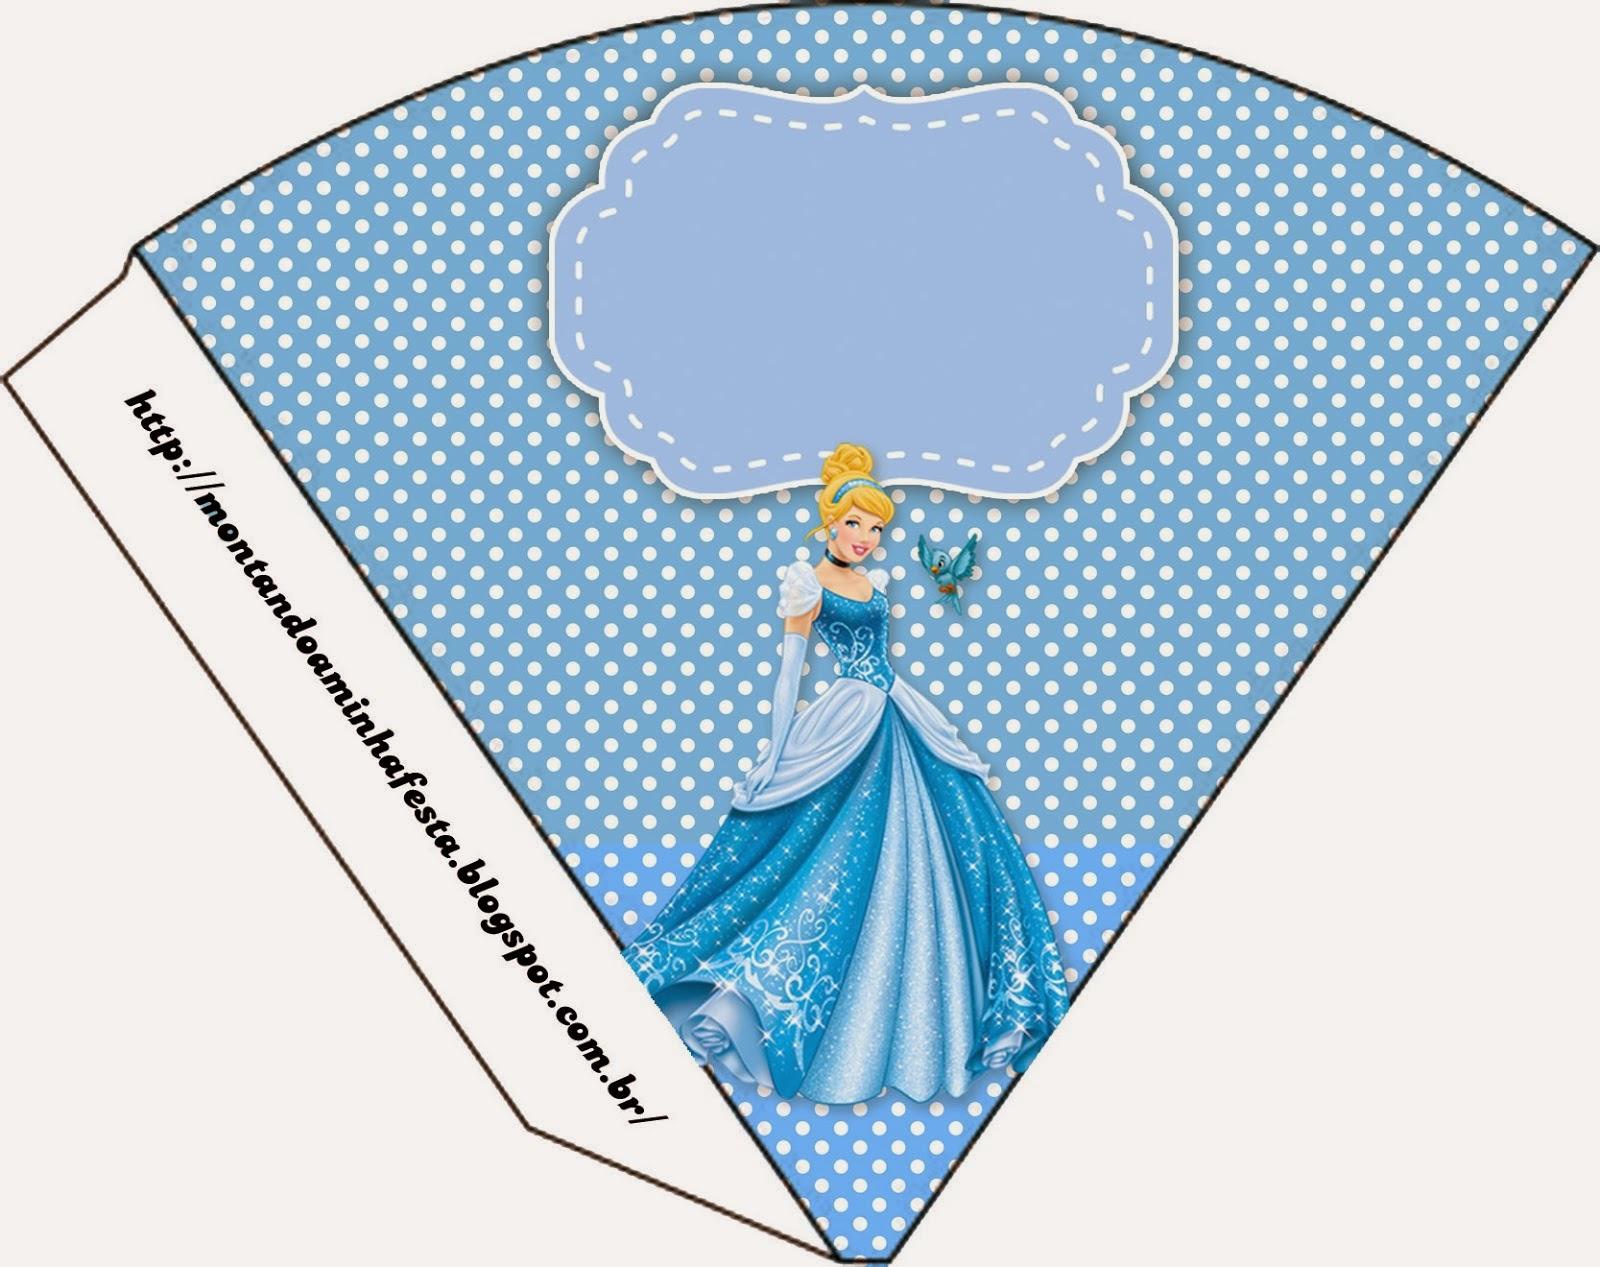 cinderella printable invitations party printables and cinderella printable party cones